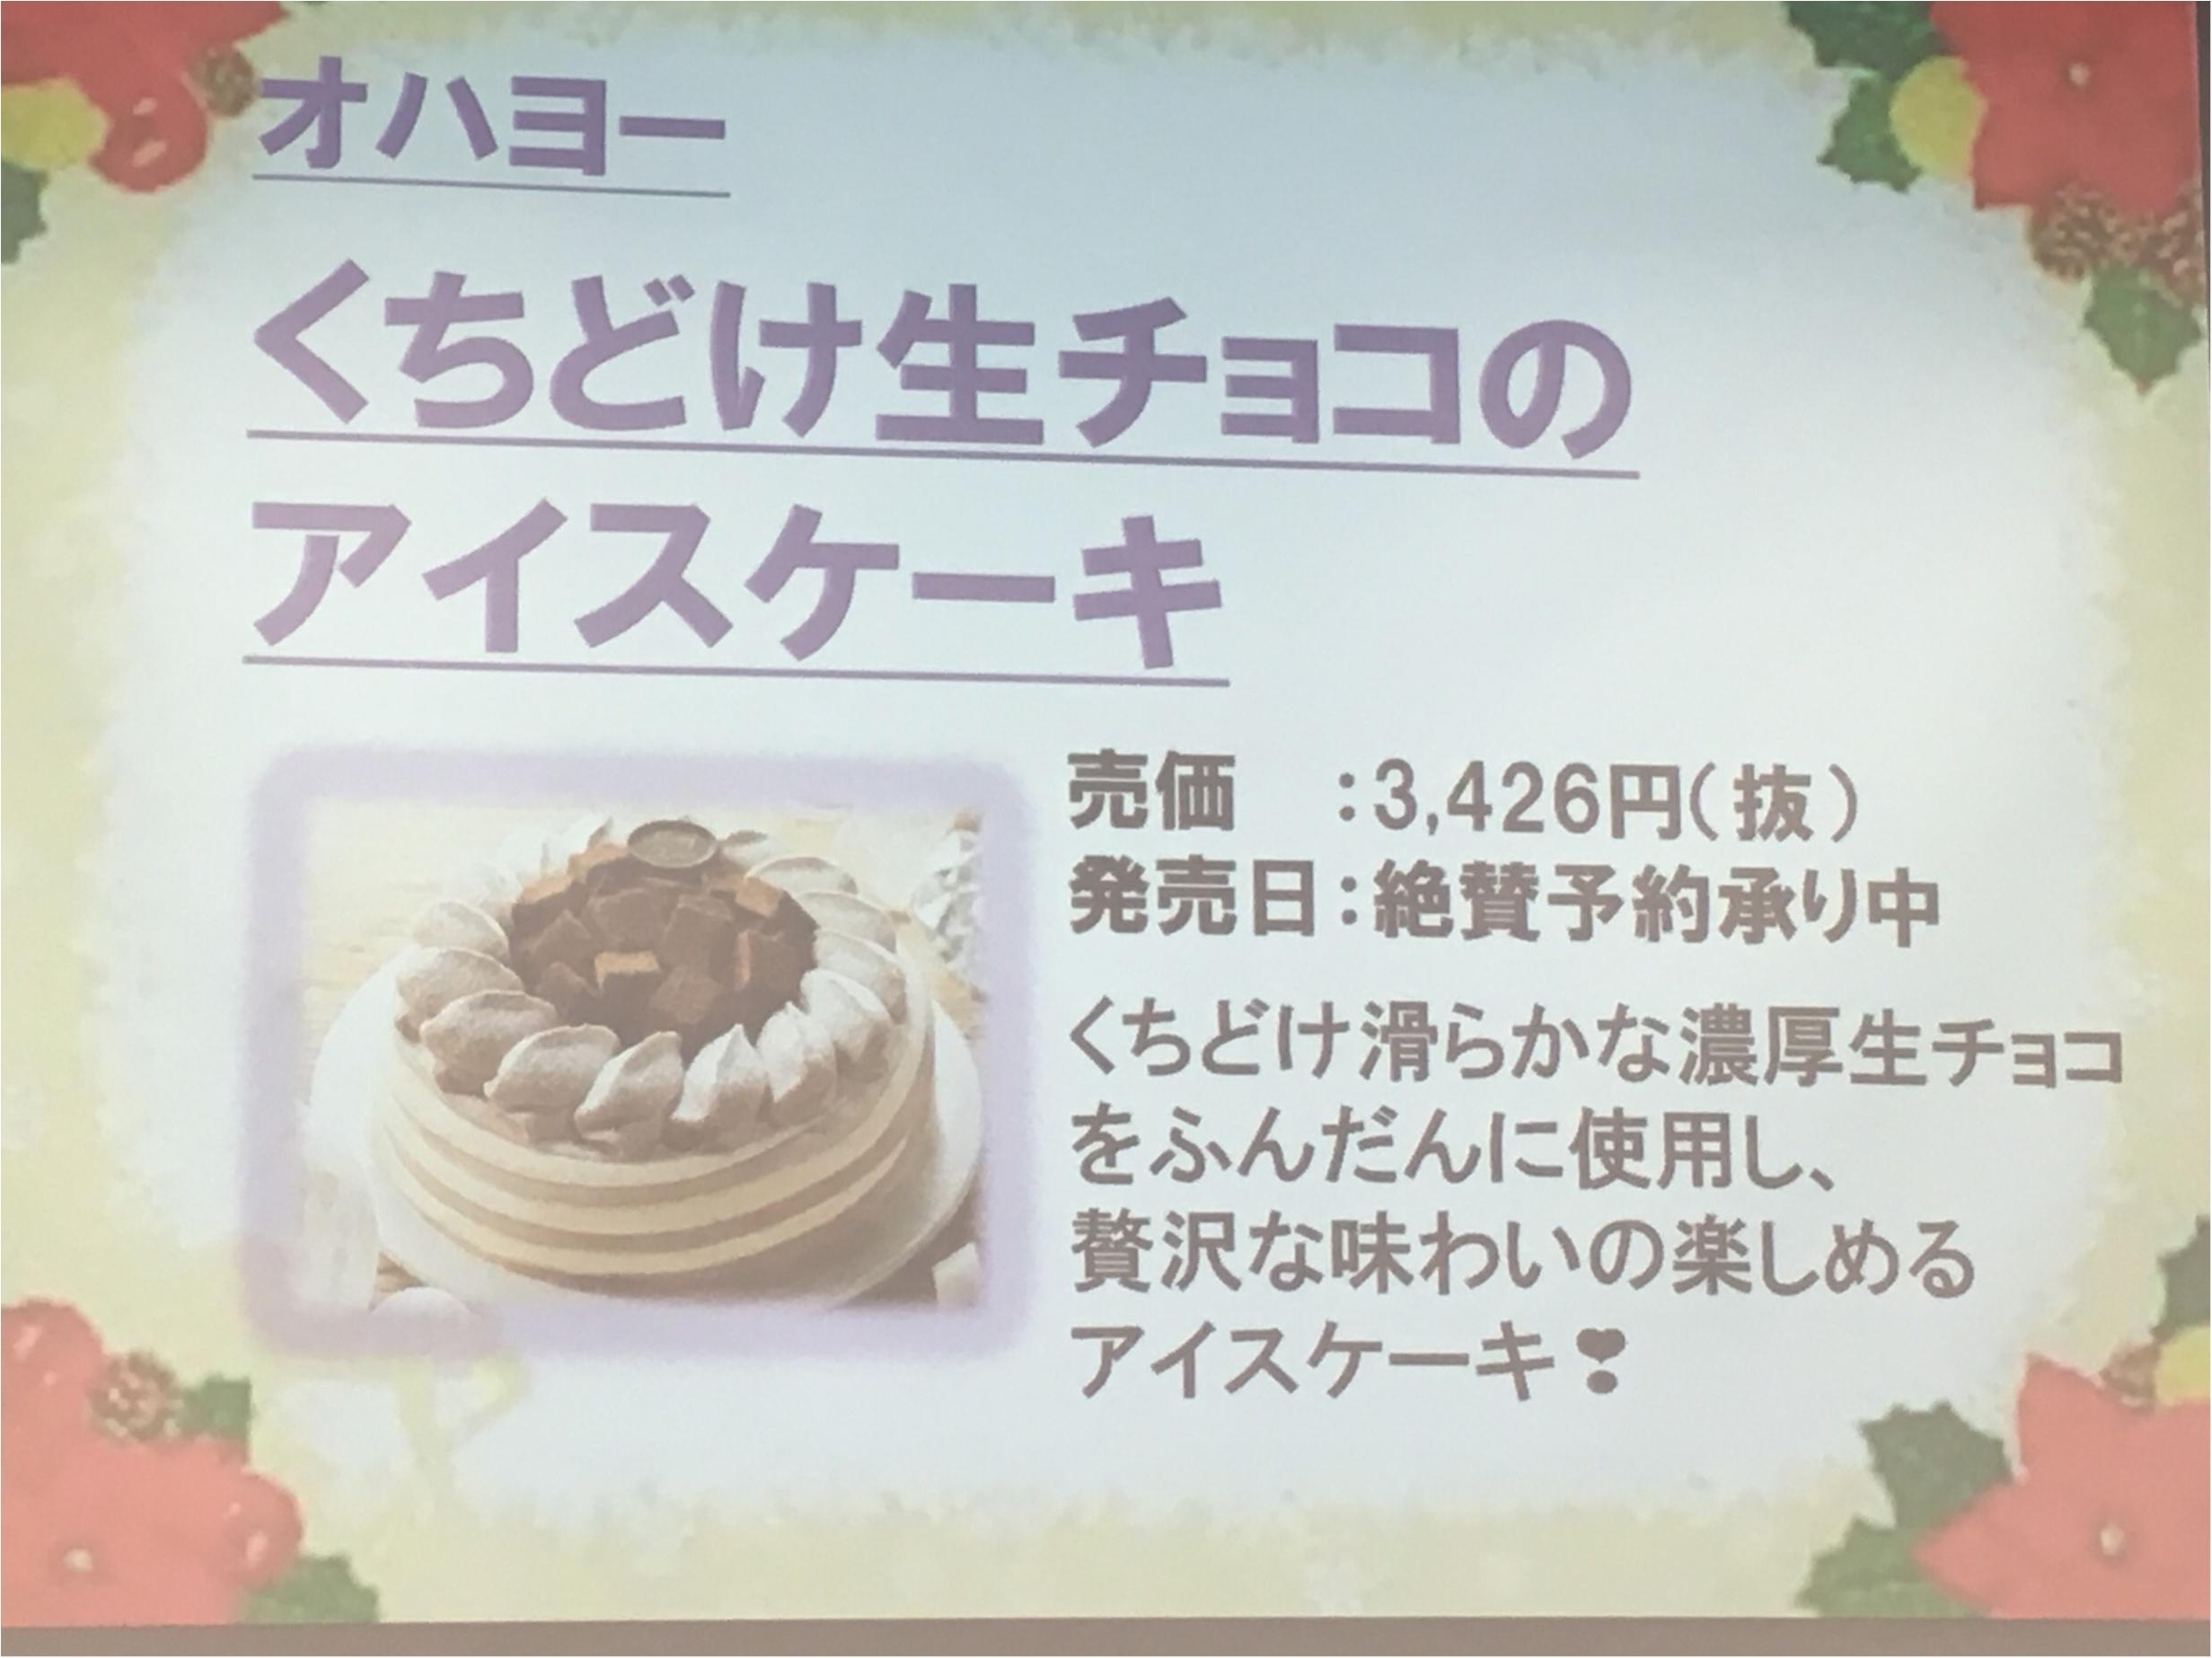 【セブンイレブン】いよいよクリスマス!ケーキどうする?試食会レポート_10